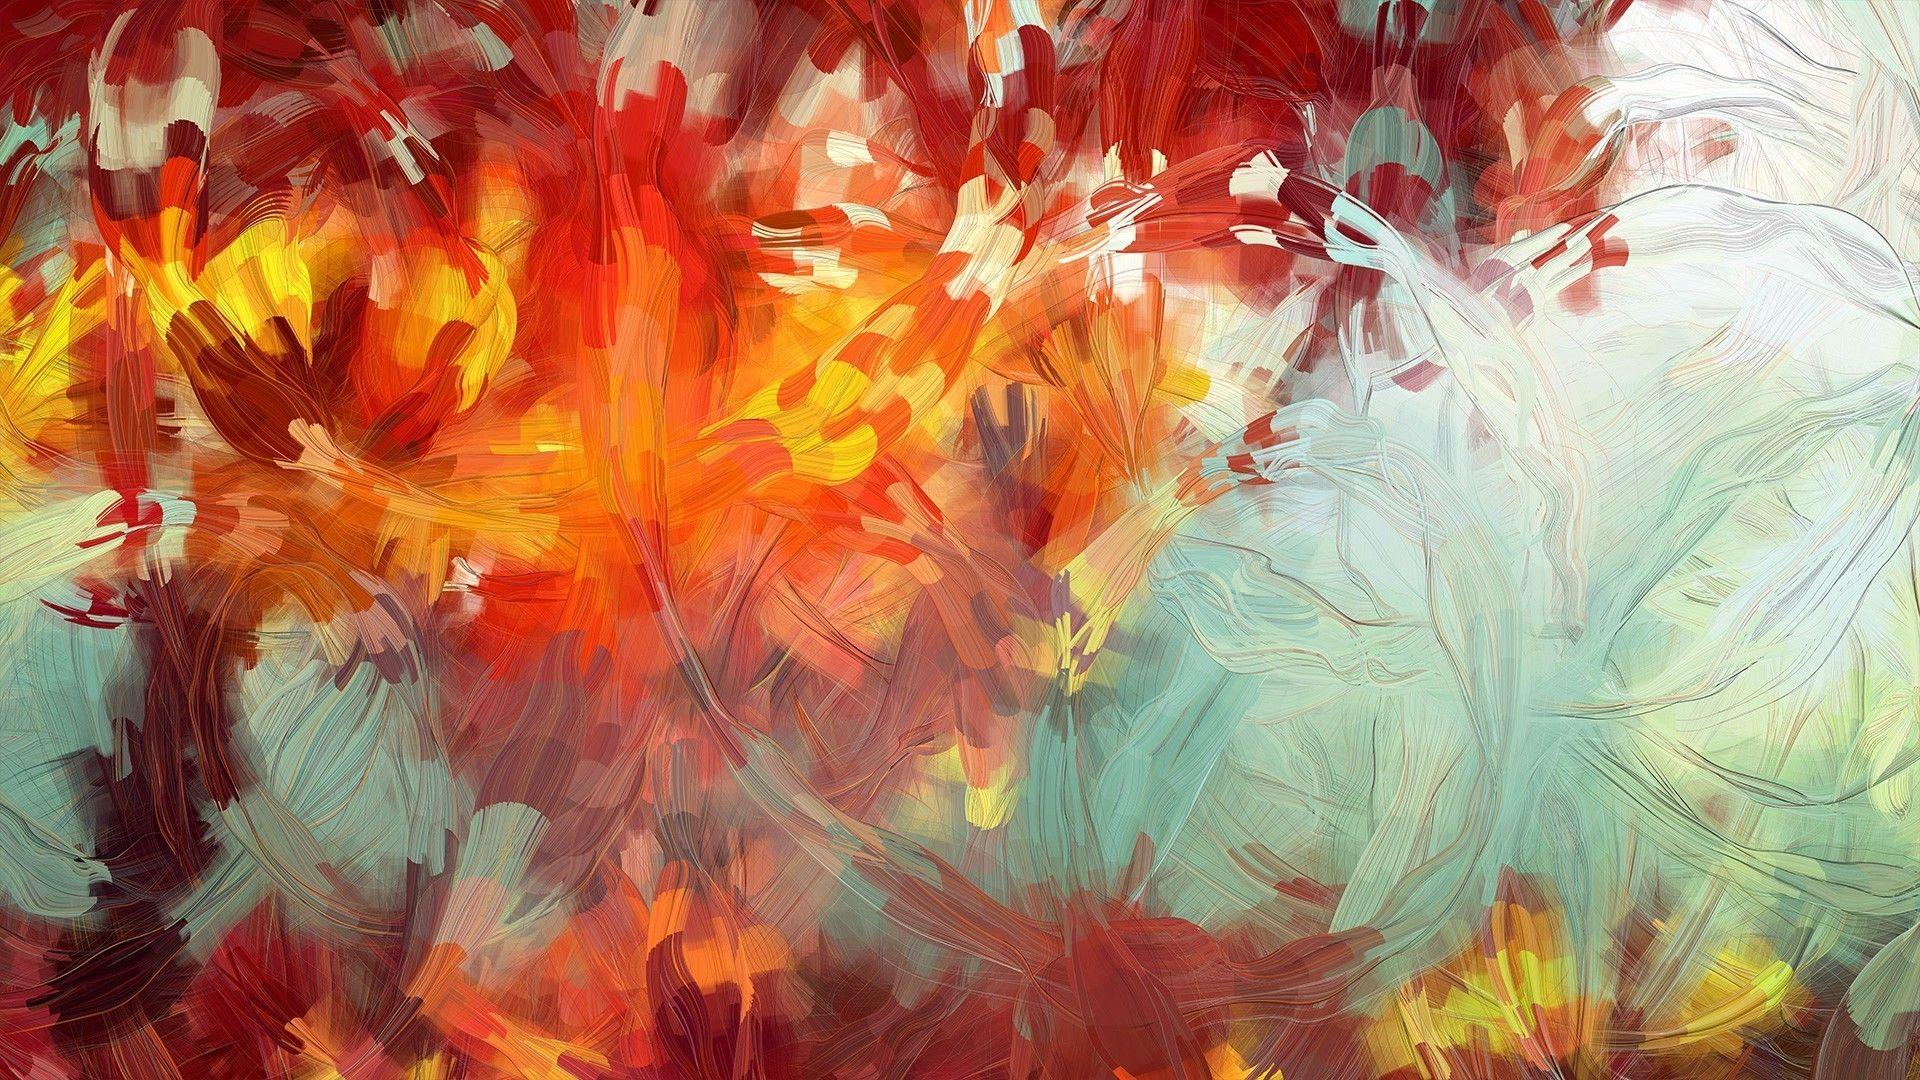 Paint Wallpapers finger painting hd desktop wallpaper widescreen high | hd